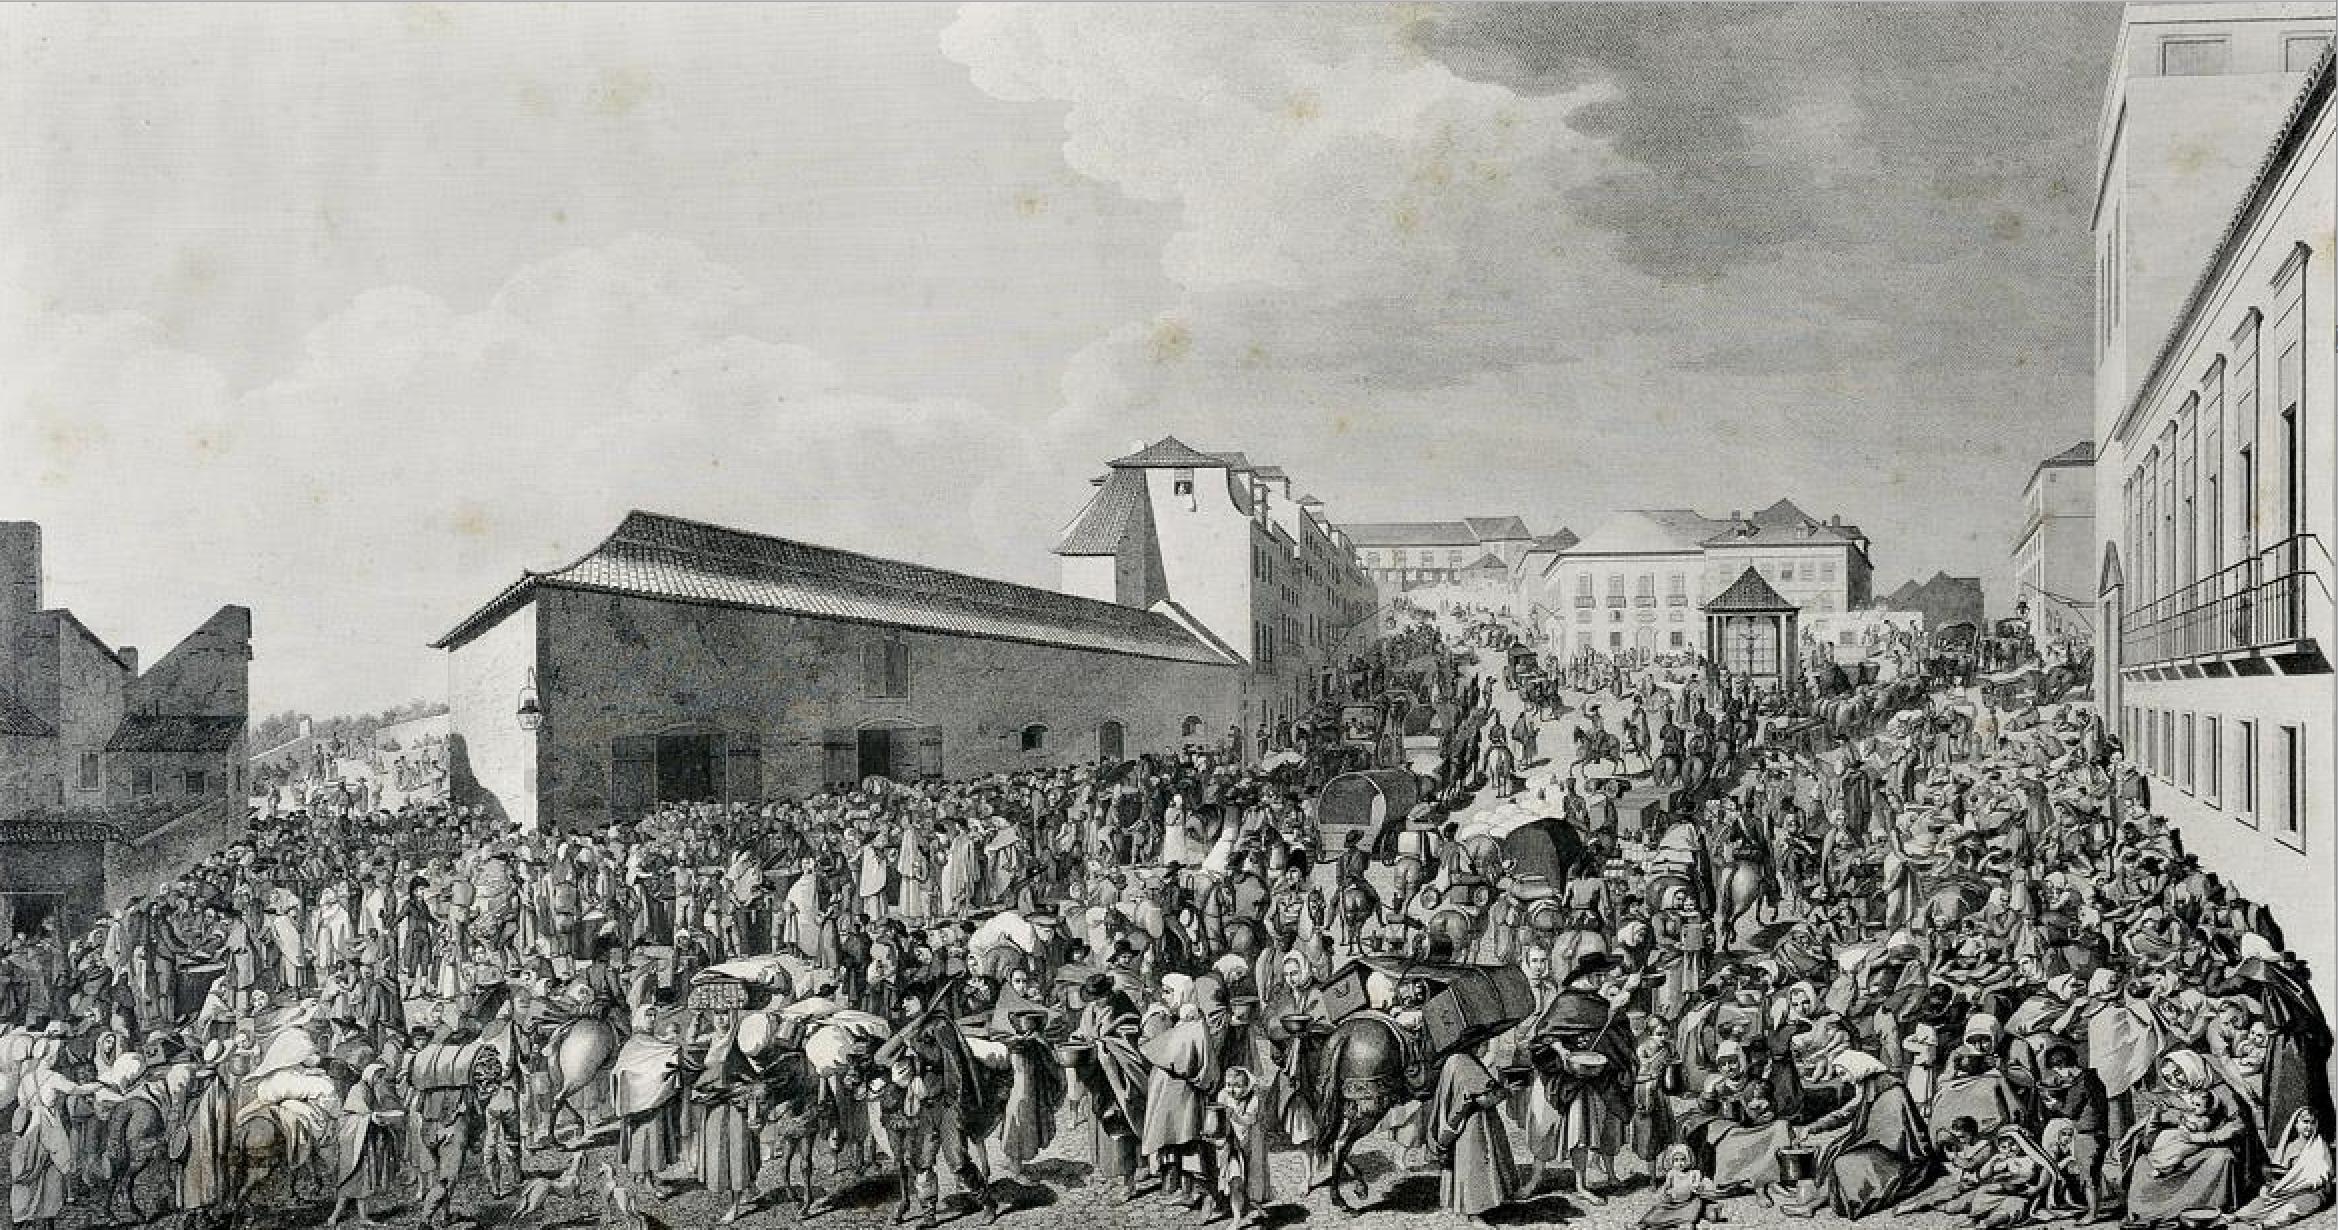 """Domingos Sequeira, """"Sopa dos Pobres em Arroios"""" (1813).  Image courtesy of Wikimedia Commons."""